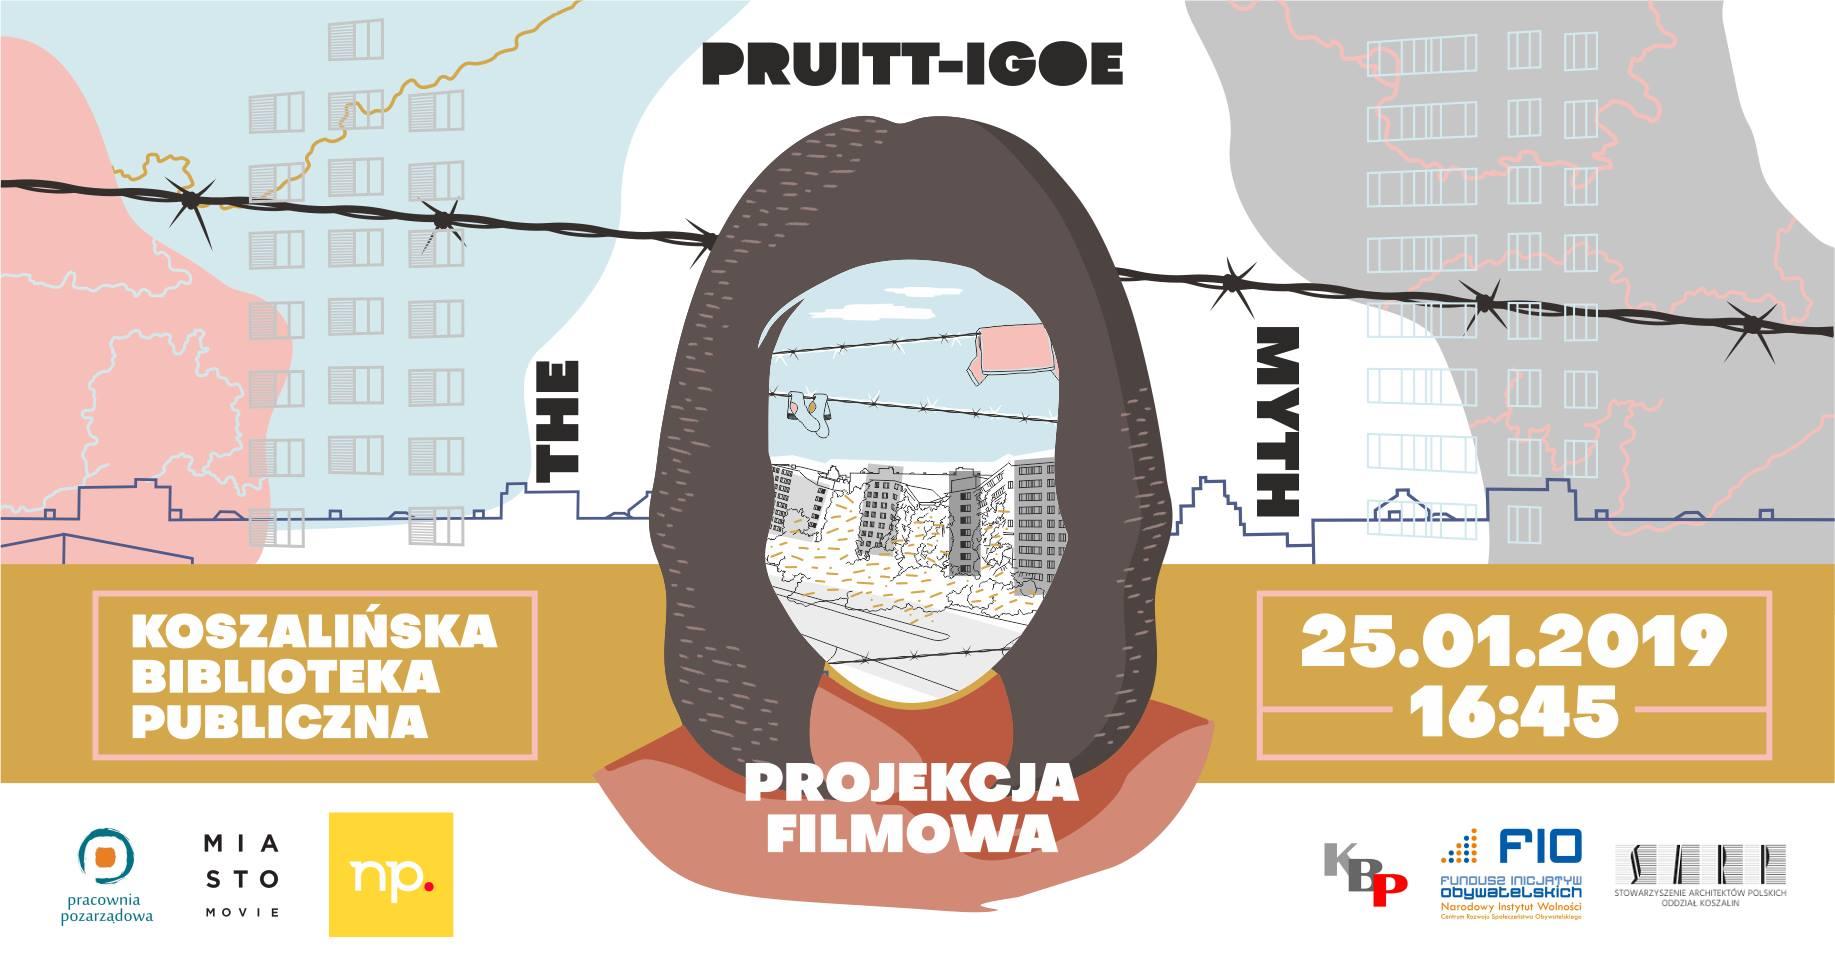 Pruitt-Igoe_Koszalin